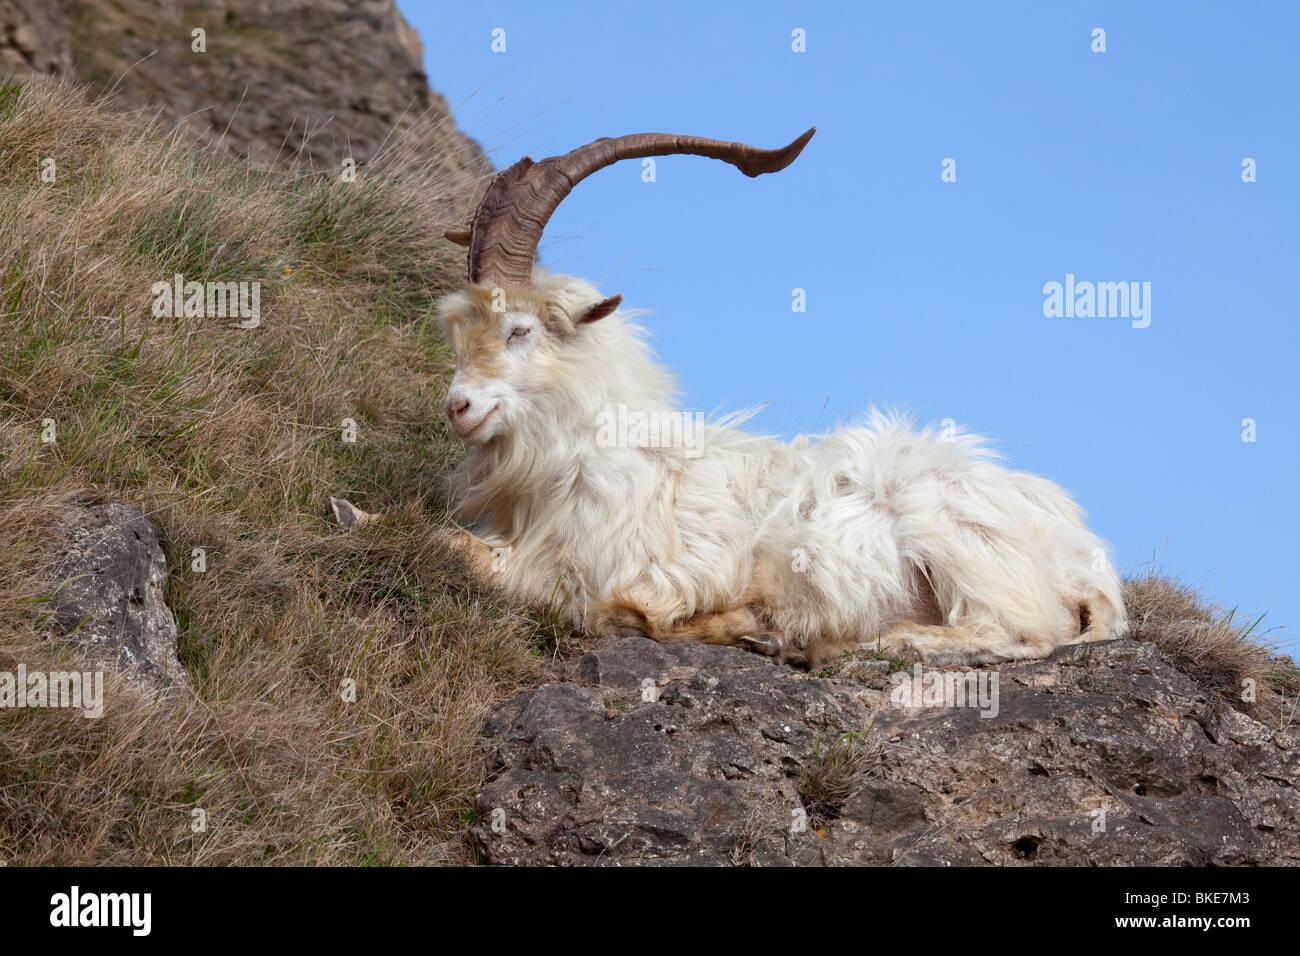 Wilde Kaschmir Ziege Capra Falconeri Cashmiriensis sitzen auf der Great Orme Landzunge in Llandudno Nord-Wales Stockbild